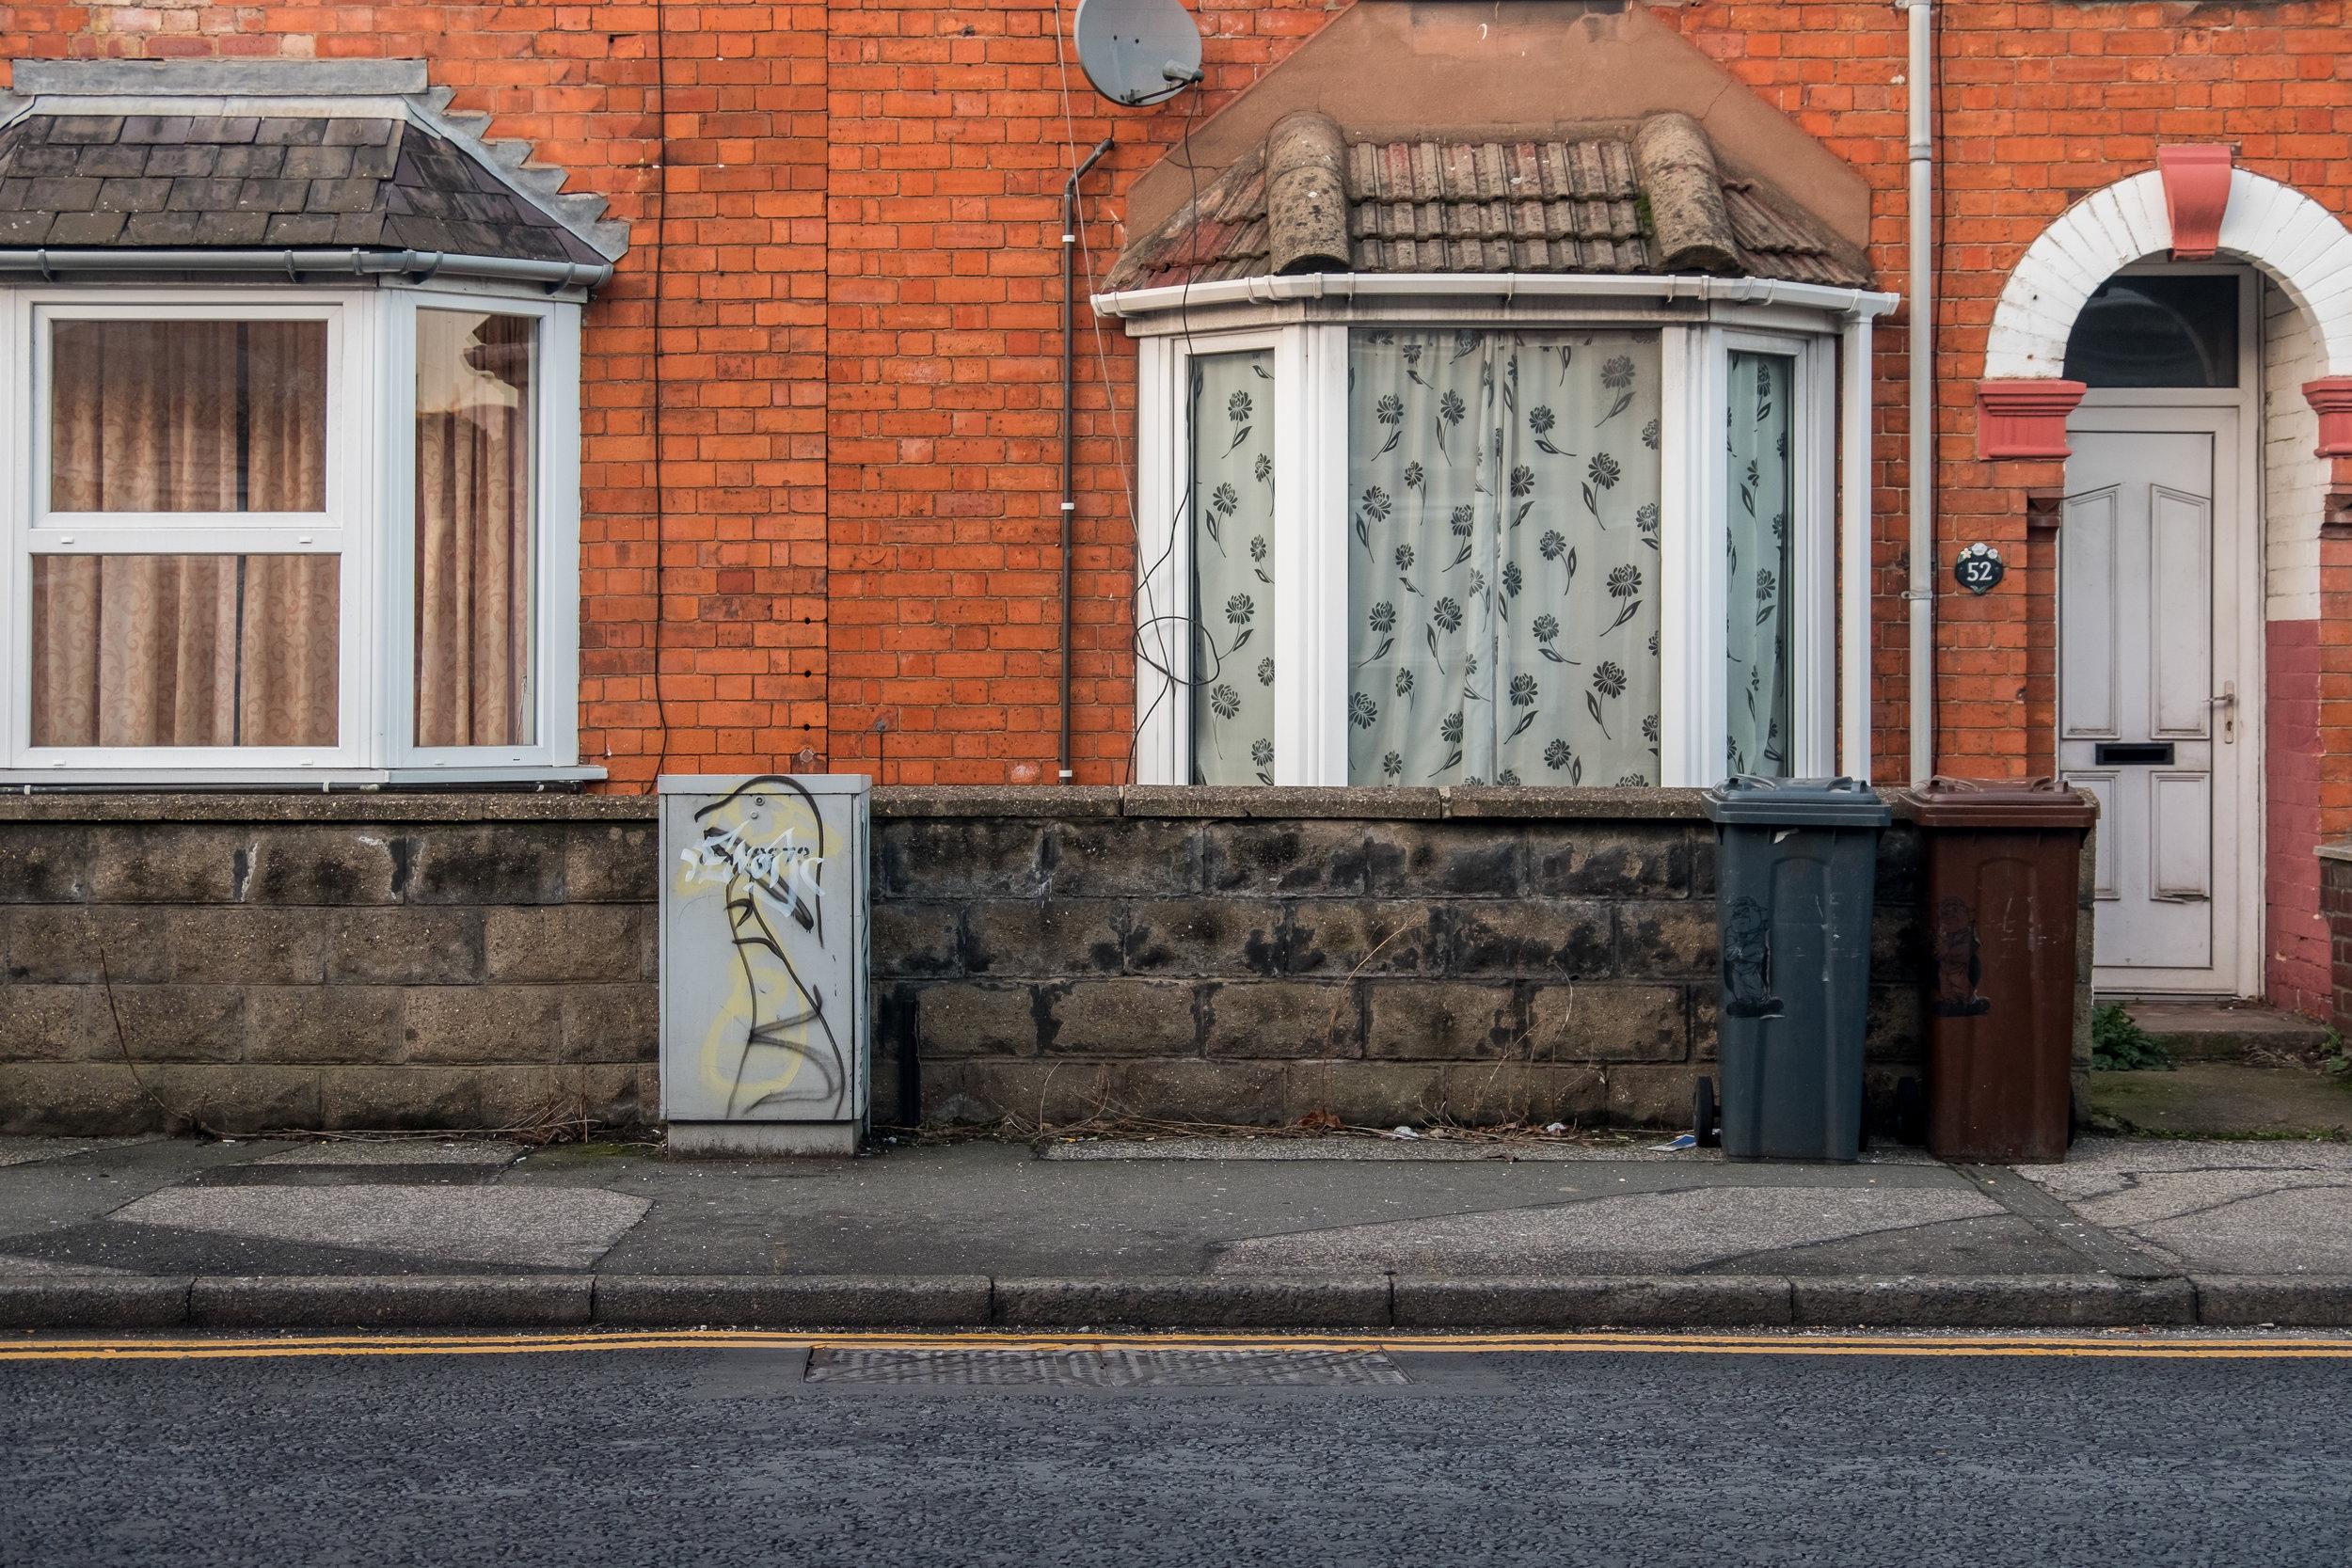 Dixon Street